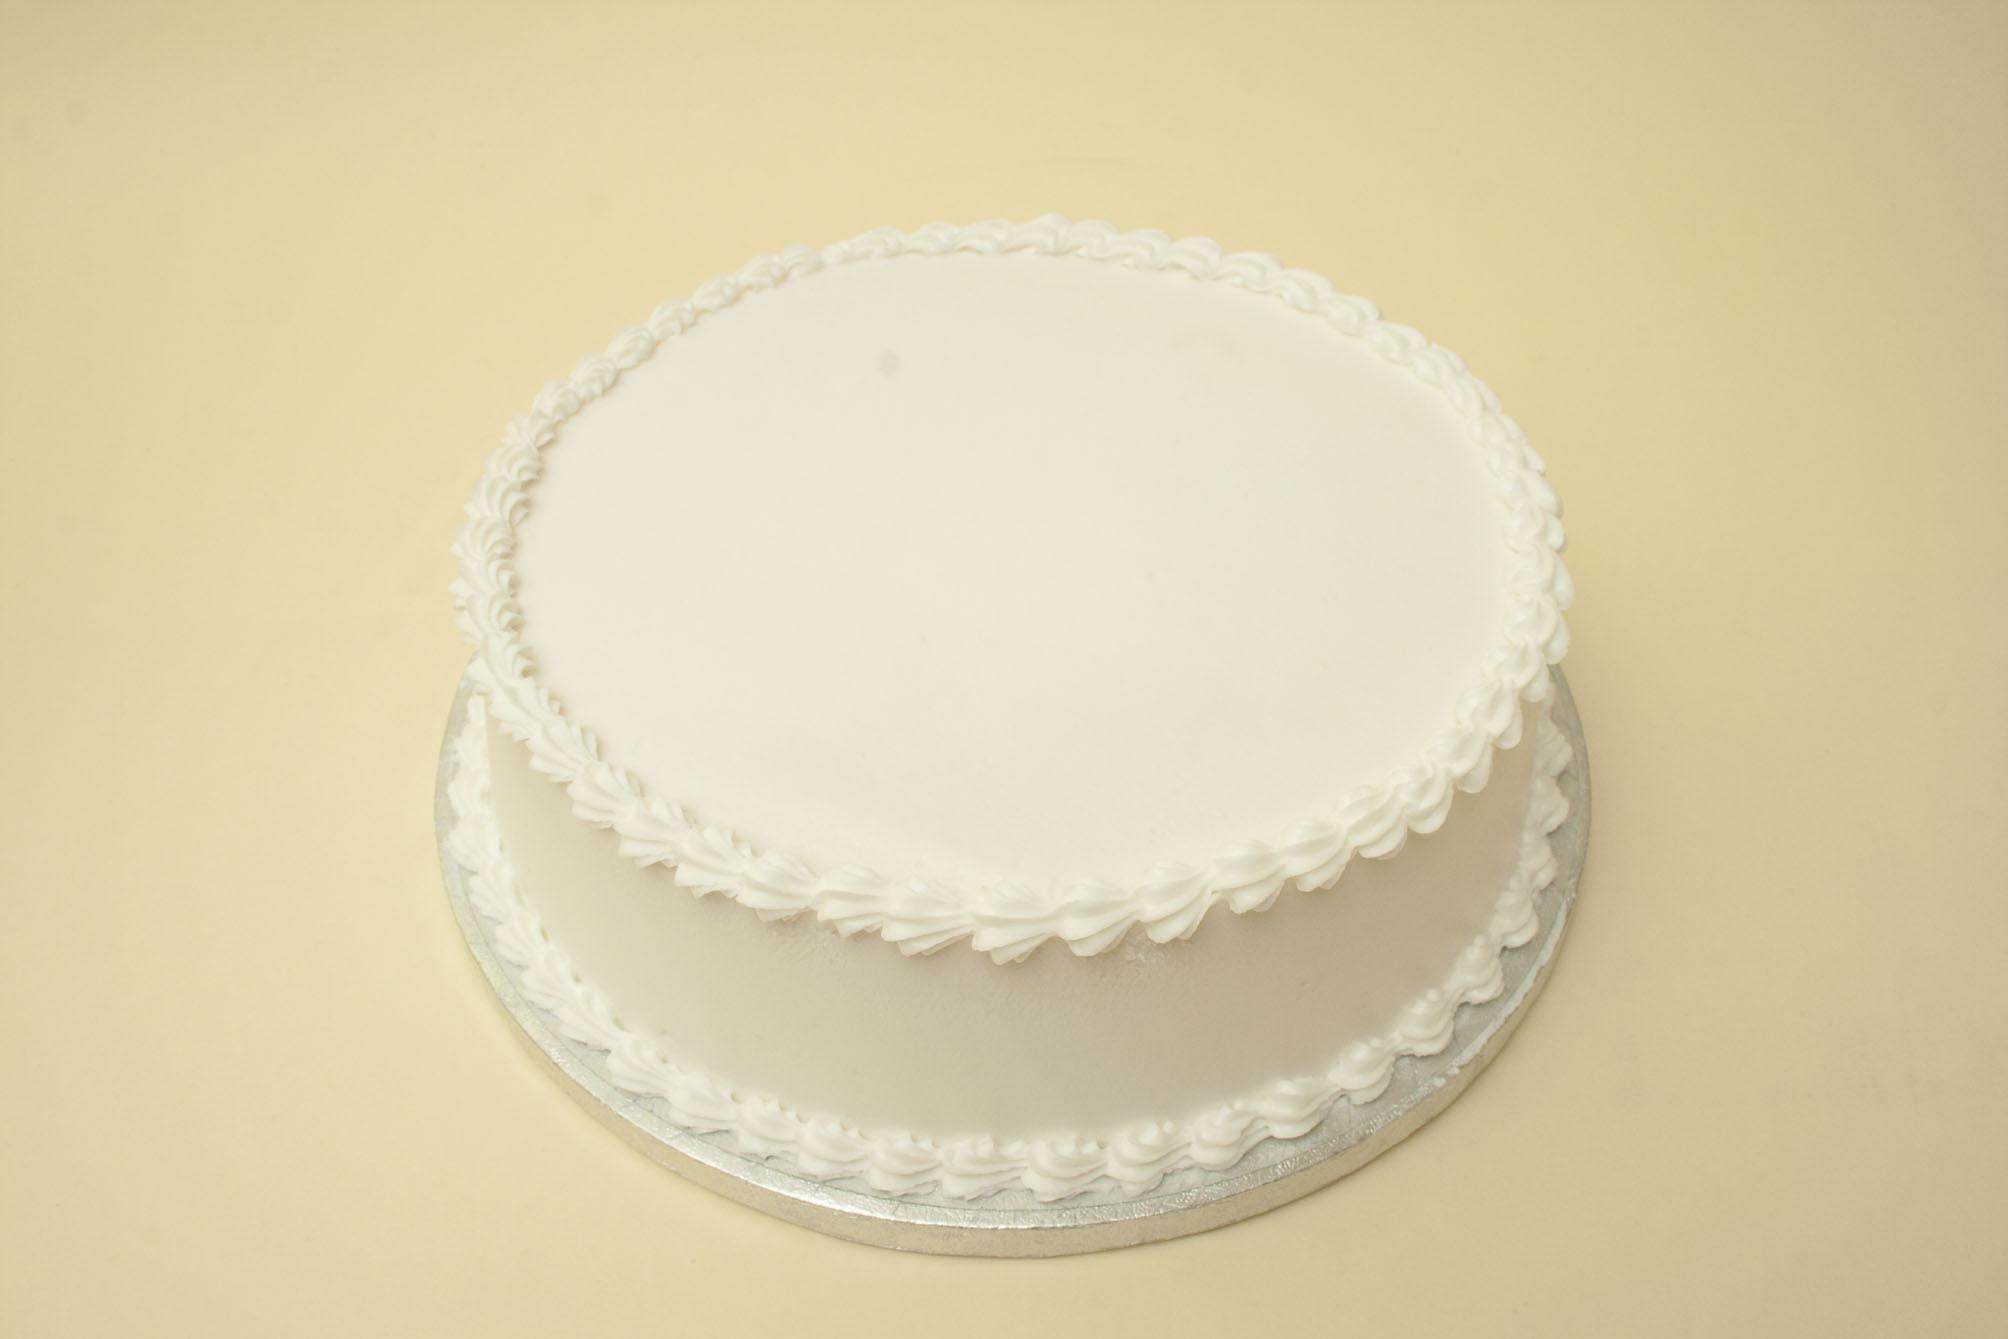 https://caroldeaconcakes.com/tutorials/royal-icing-a-round-cake/